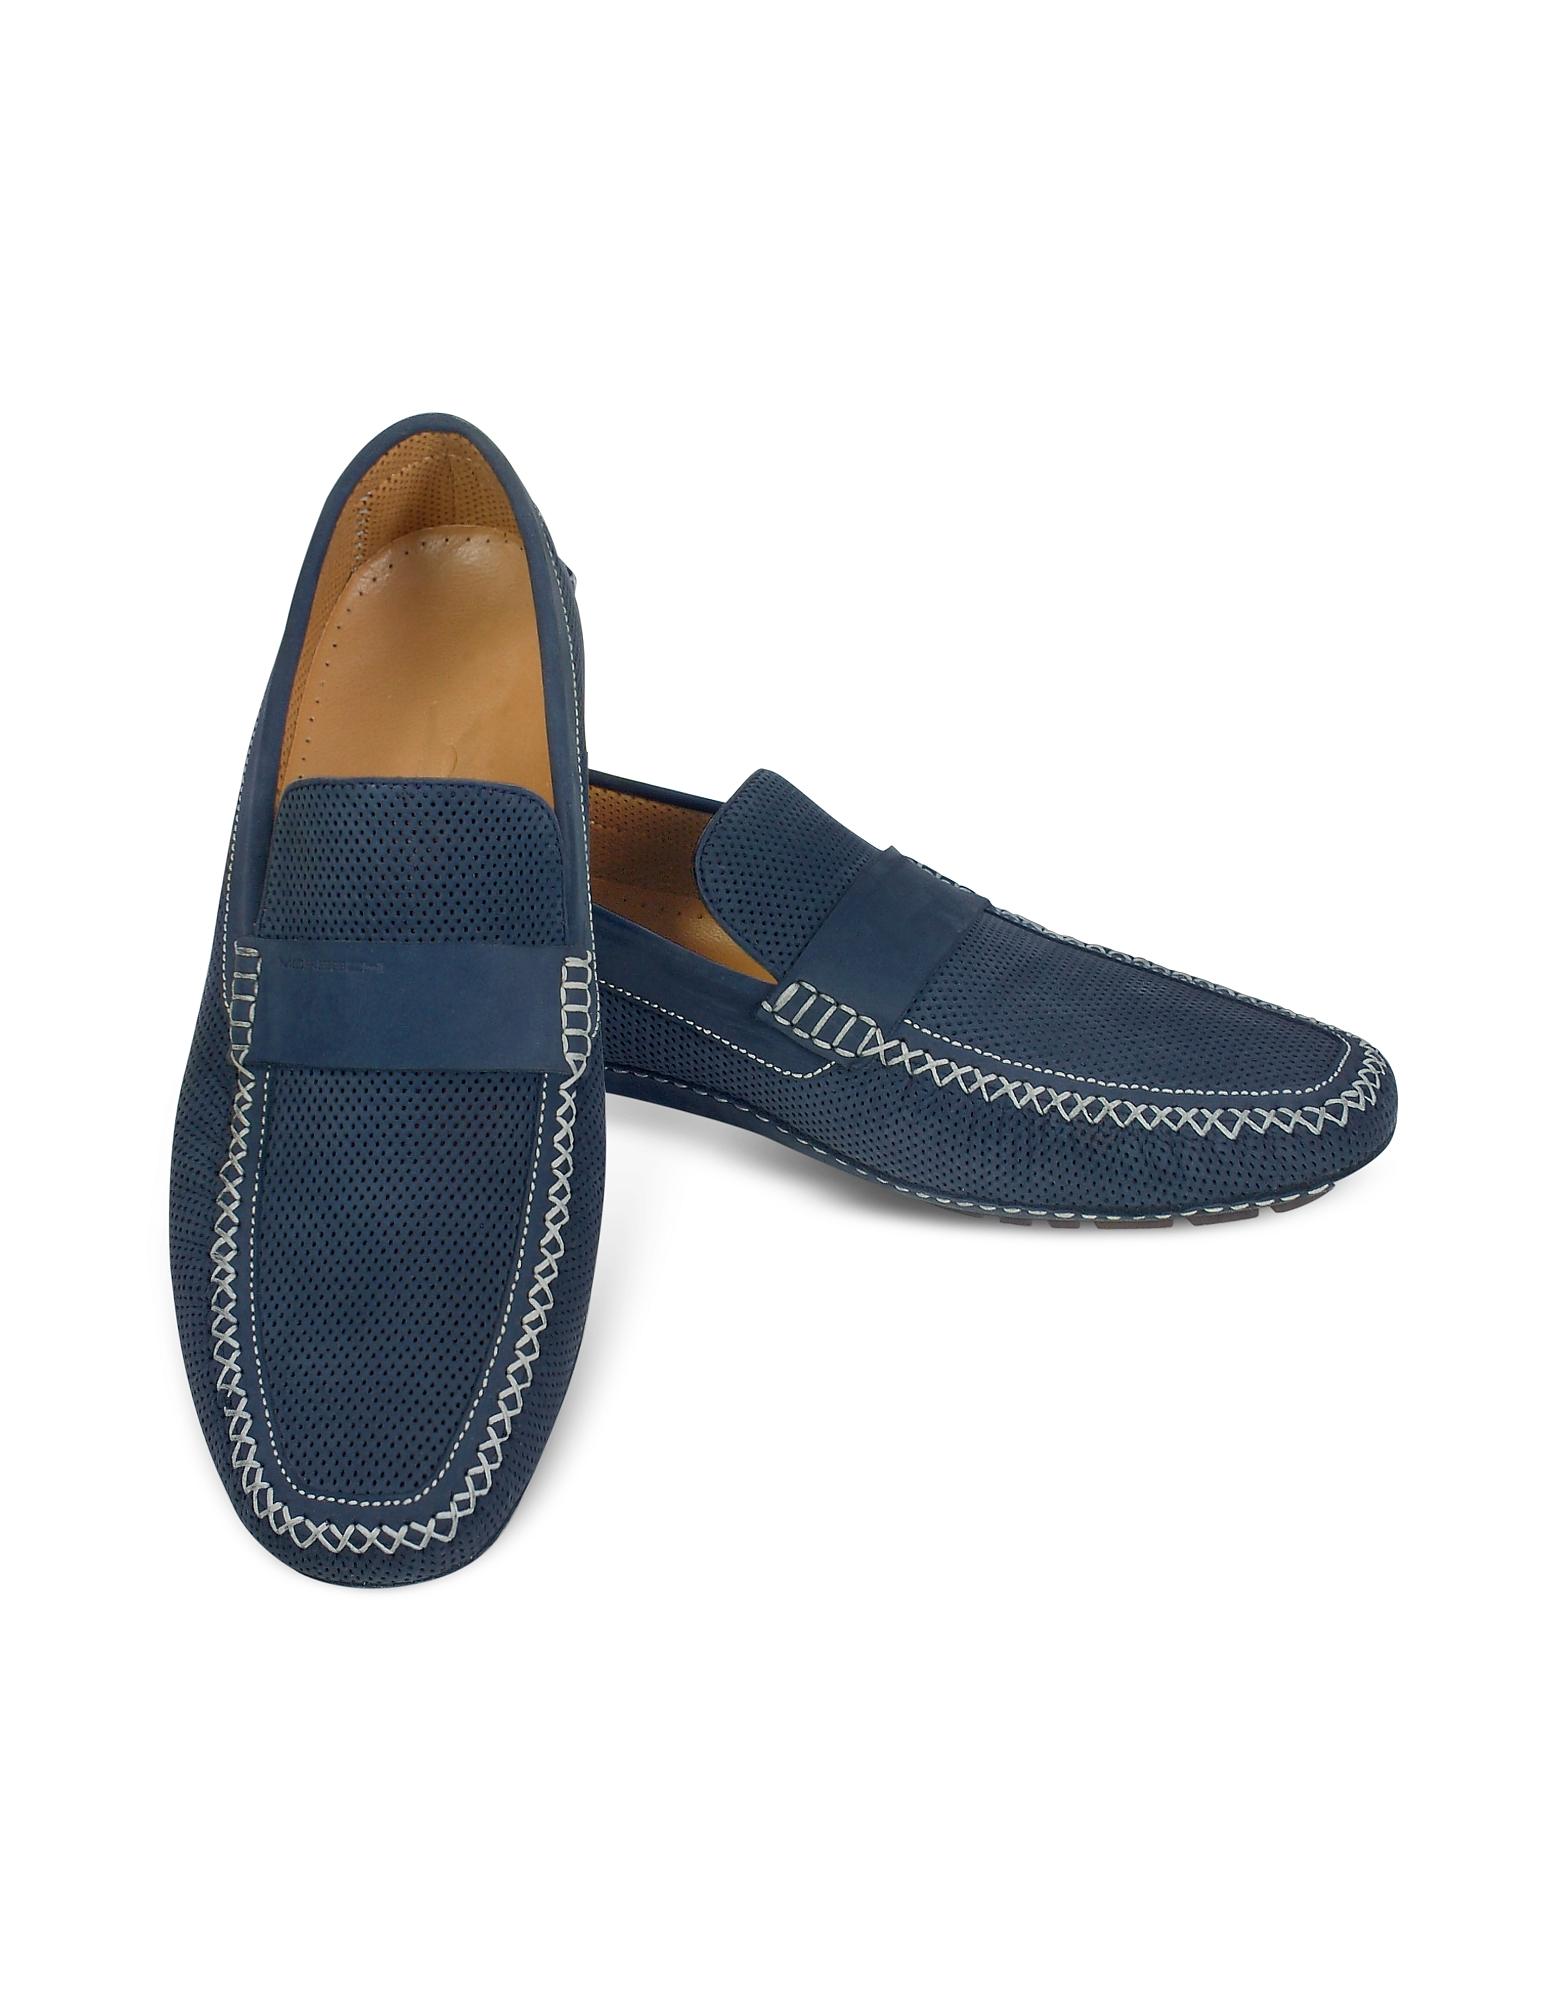 Portofino - Темно-синие Перфорированные Замшевые Туфли для Вождения